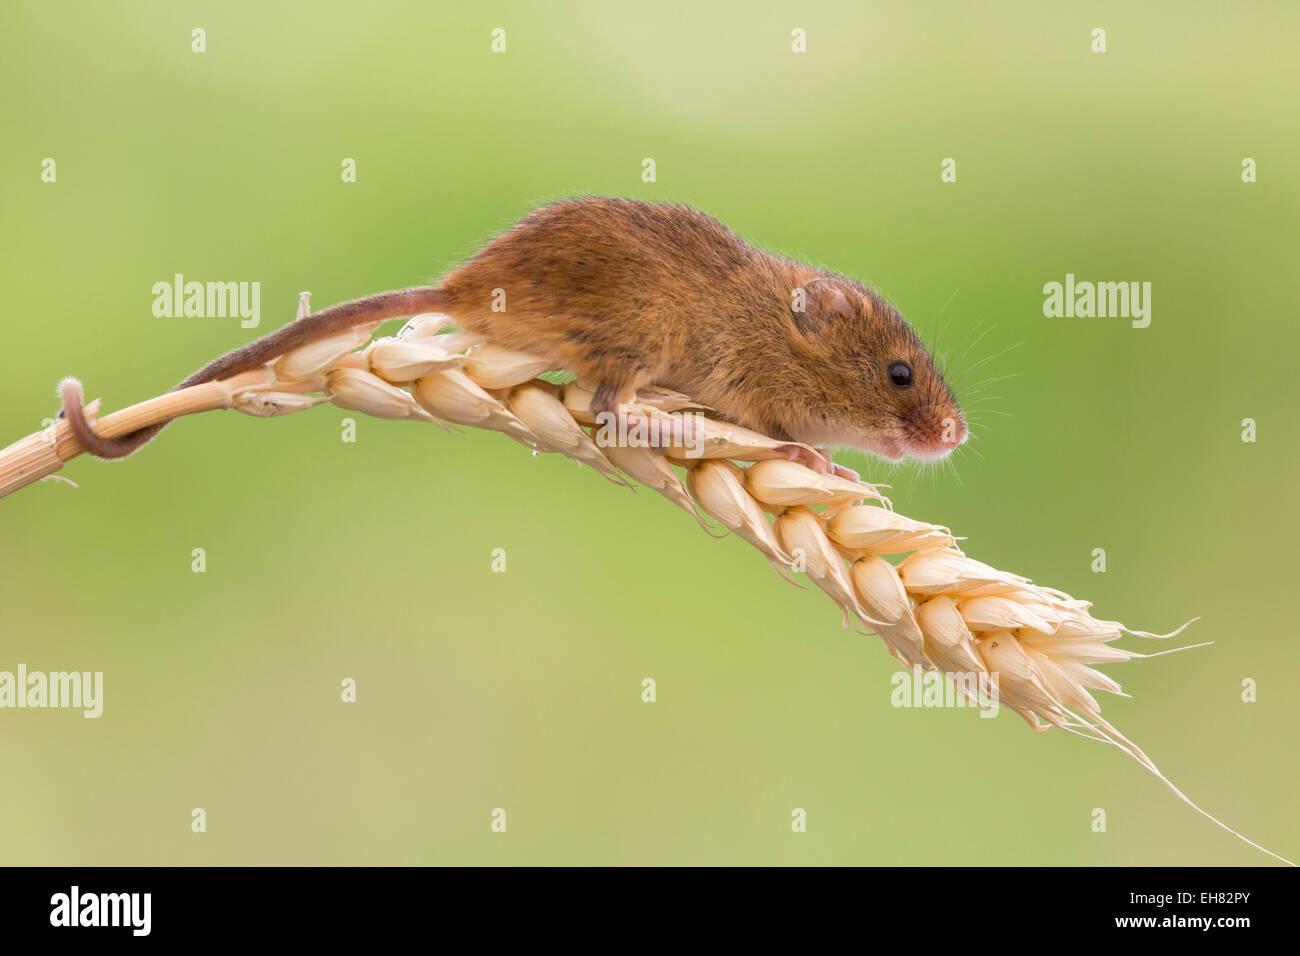 Zwergmaus (Micromys Minutus), in Gefangenschaft, Vereinigtes Königreich, Europa Stockbild